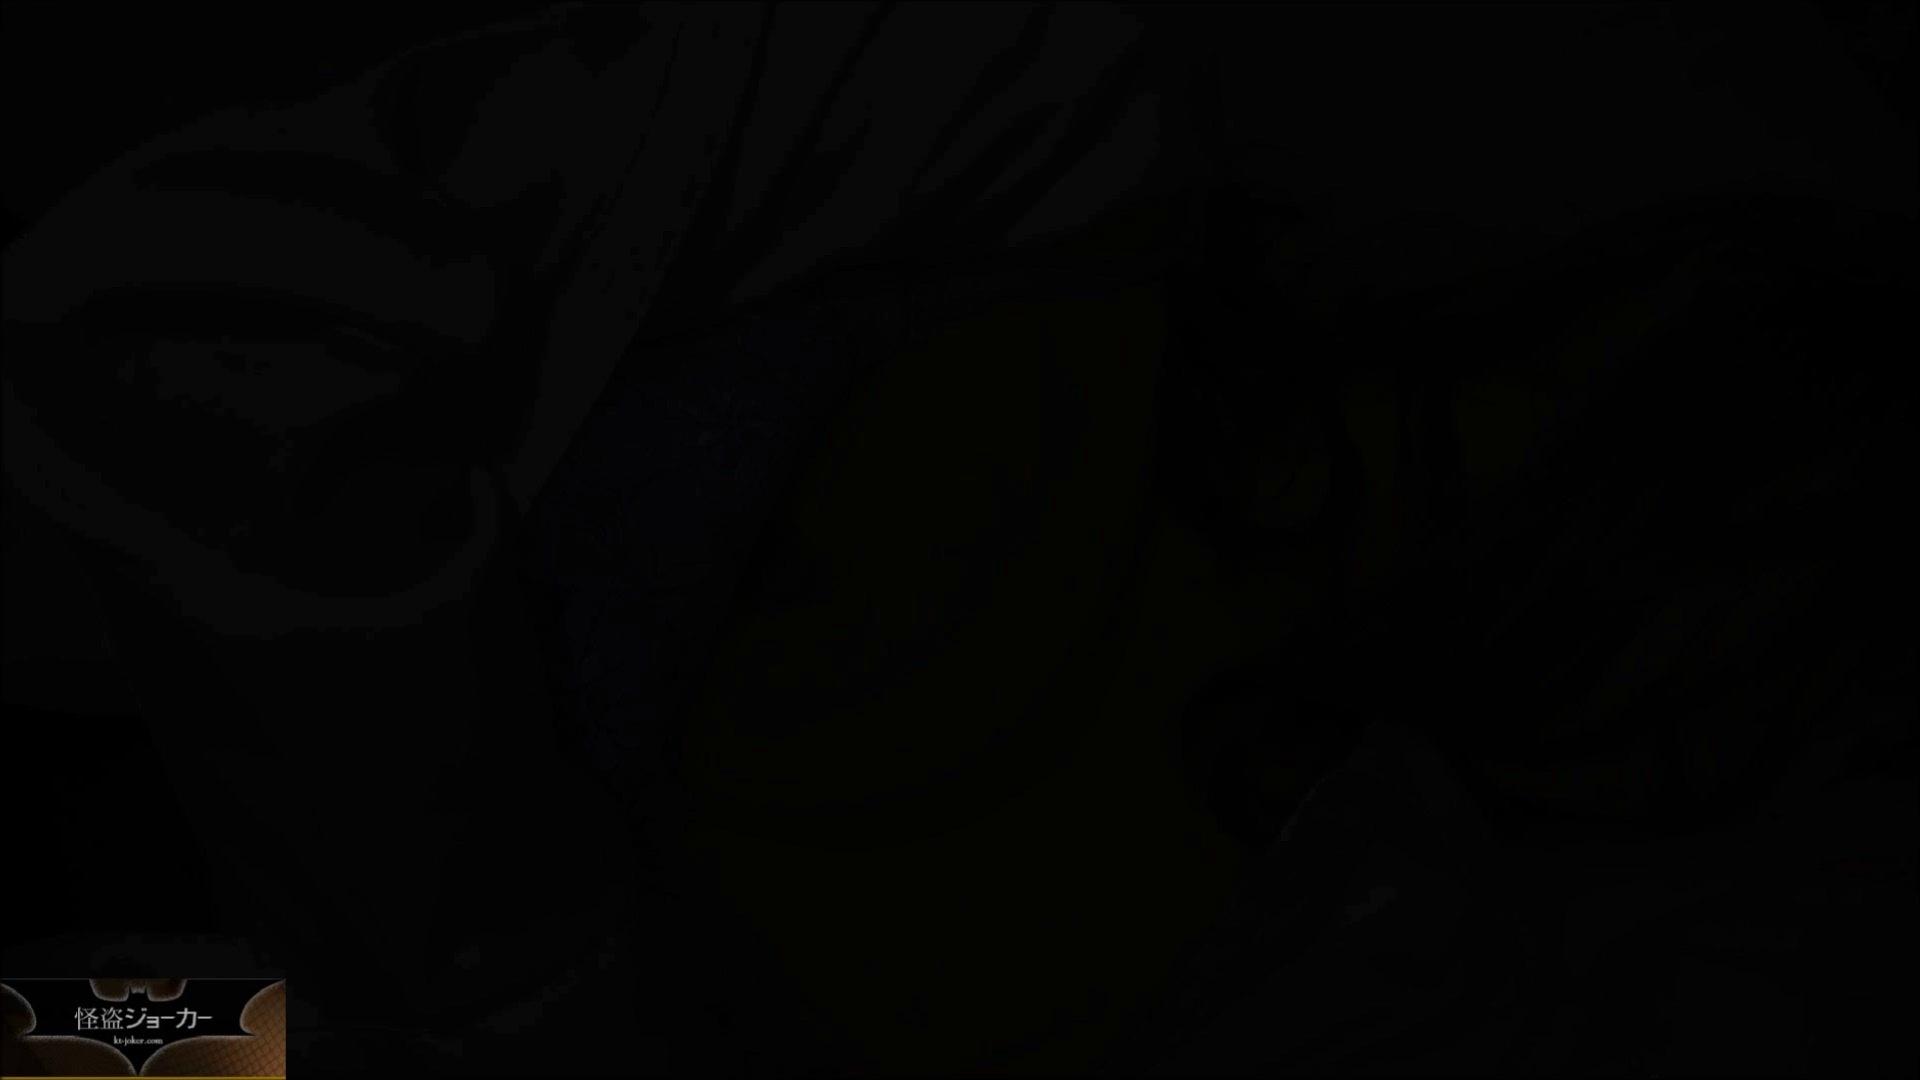 【未公開】vol.32 最後の制月反姿で目民る朋葉ちゃん・・・【番外編】 色っぽいOL達  79pic 45